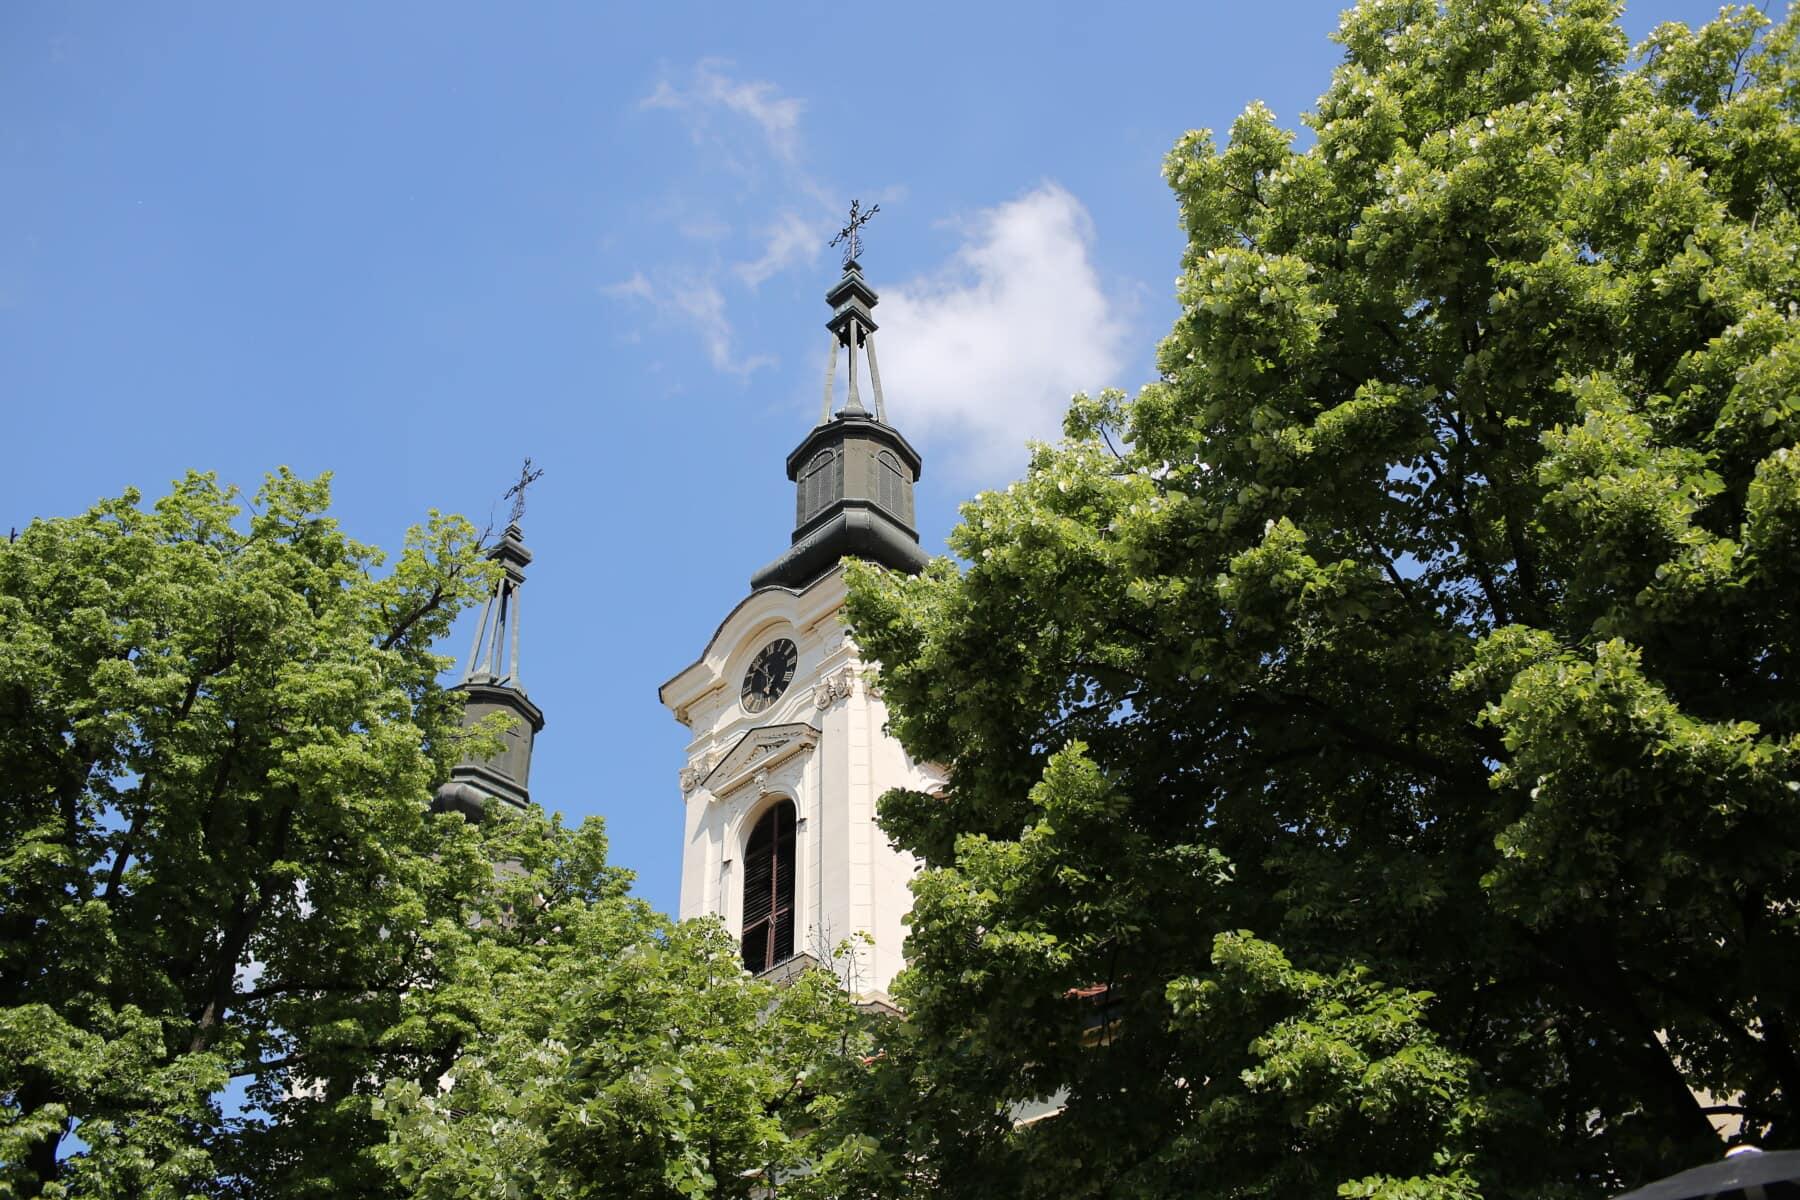 monastère, orthodoxe, steeple, église, branches, arbres, bâtiment, dôme, religion, Croix